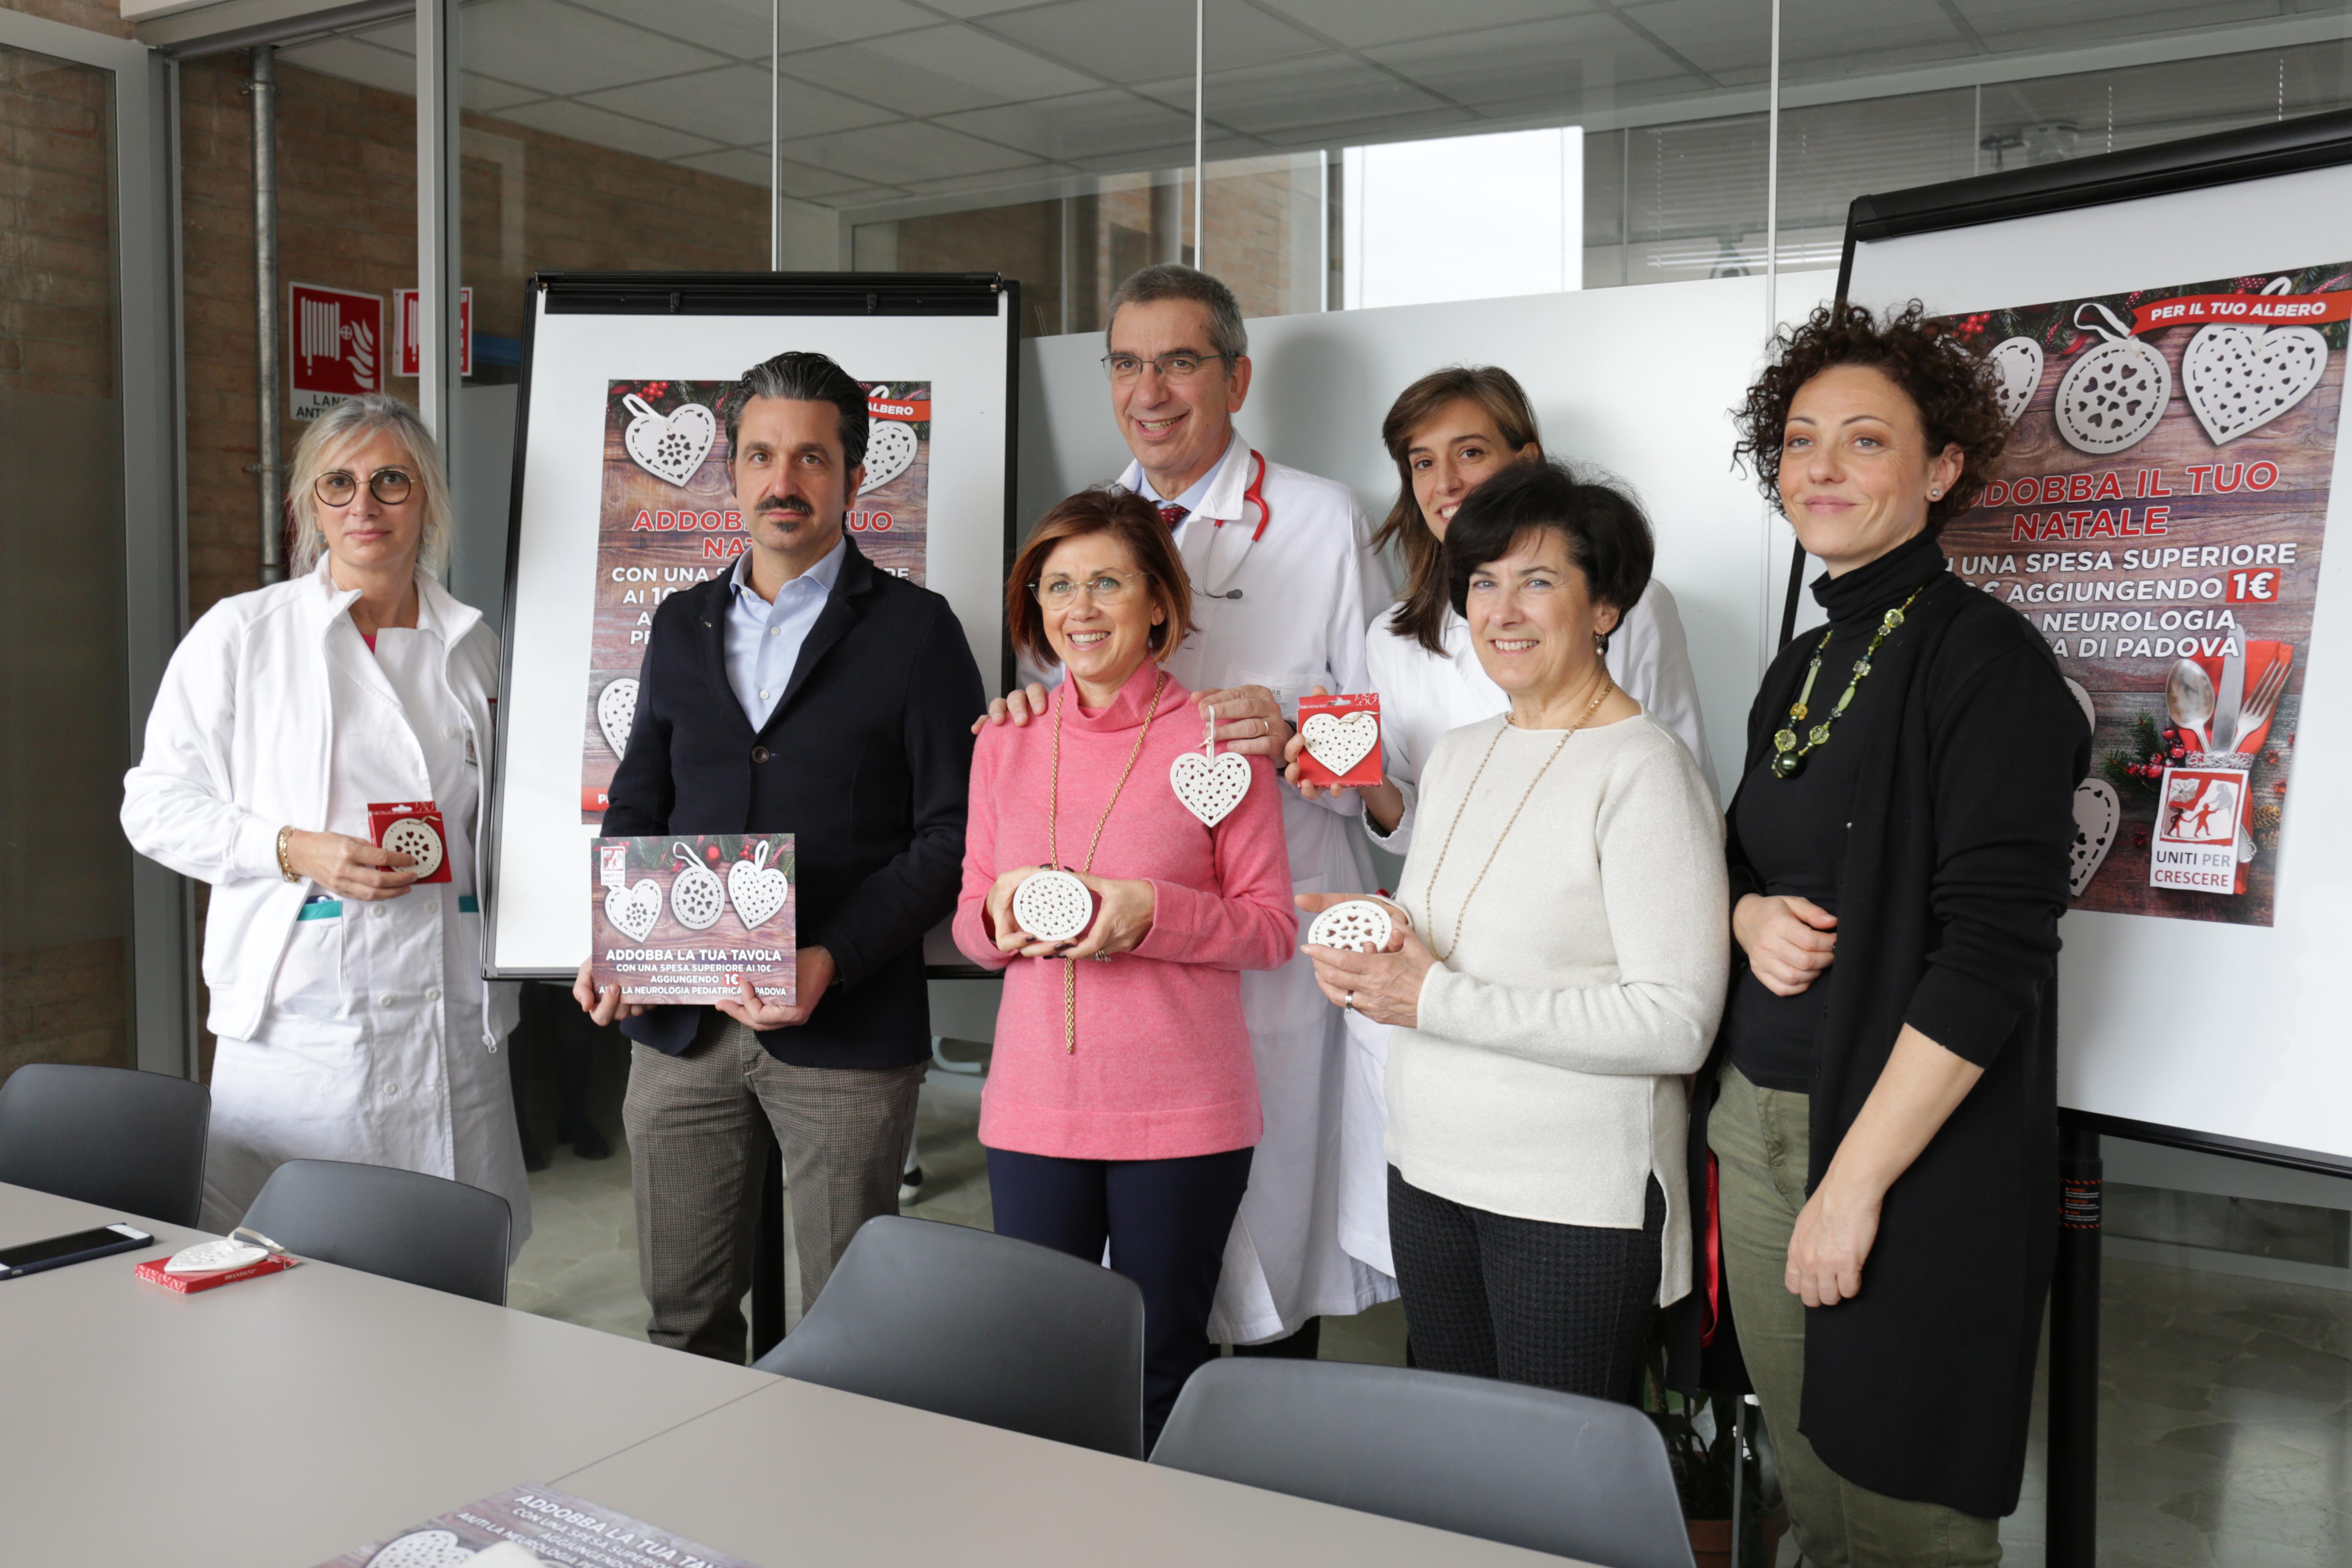 Con Alì addobbi il tuo Natale per i bambini della Neurologia Pediatrica dell'Ospedale di Padova